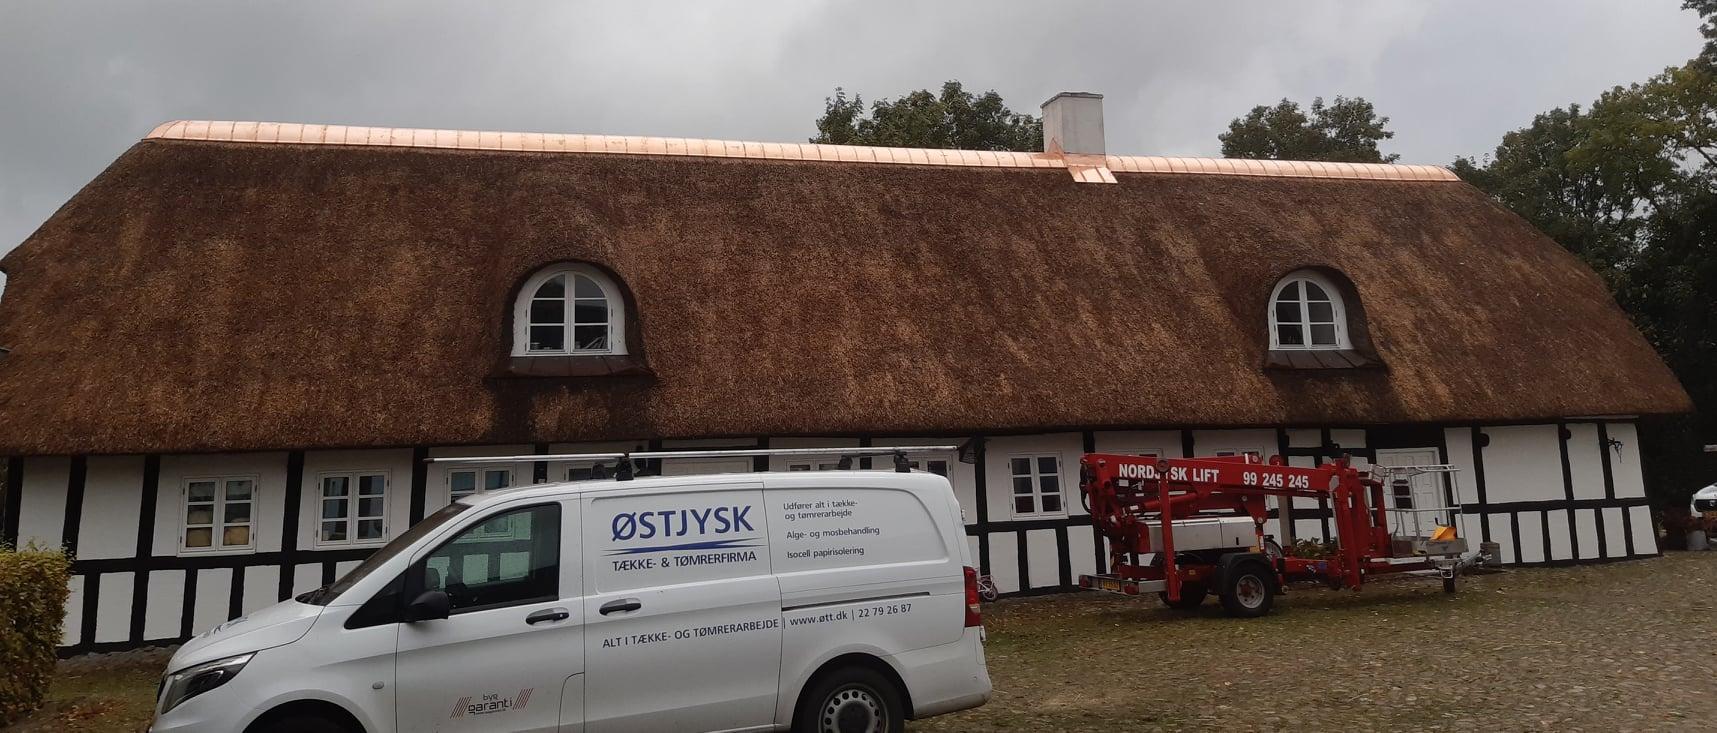 Pudsning og renovering og kobbermønning efter